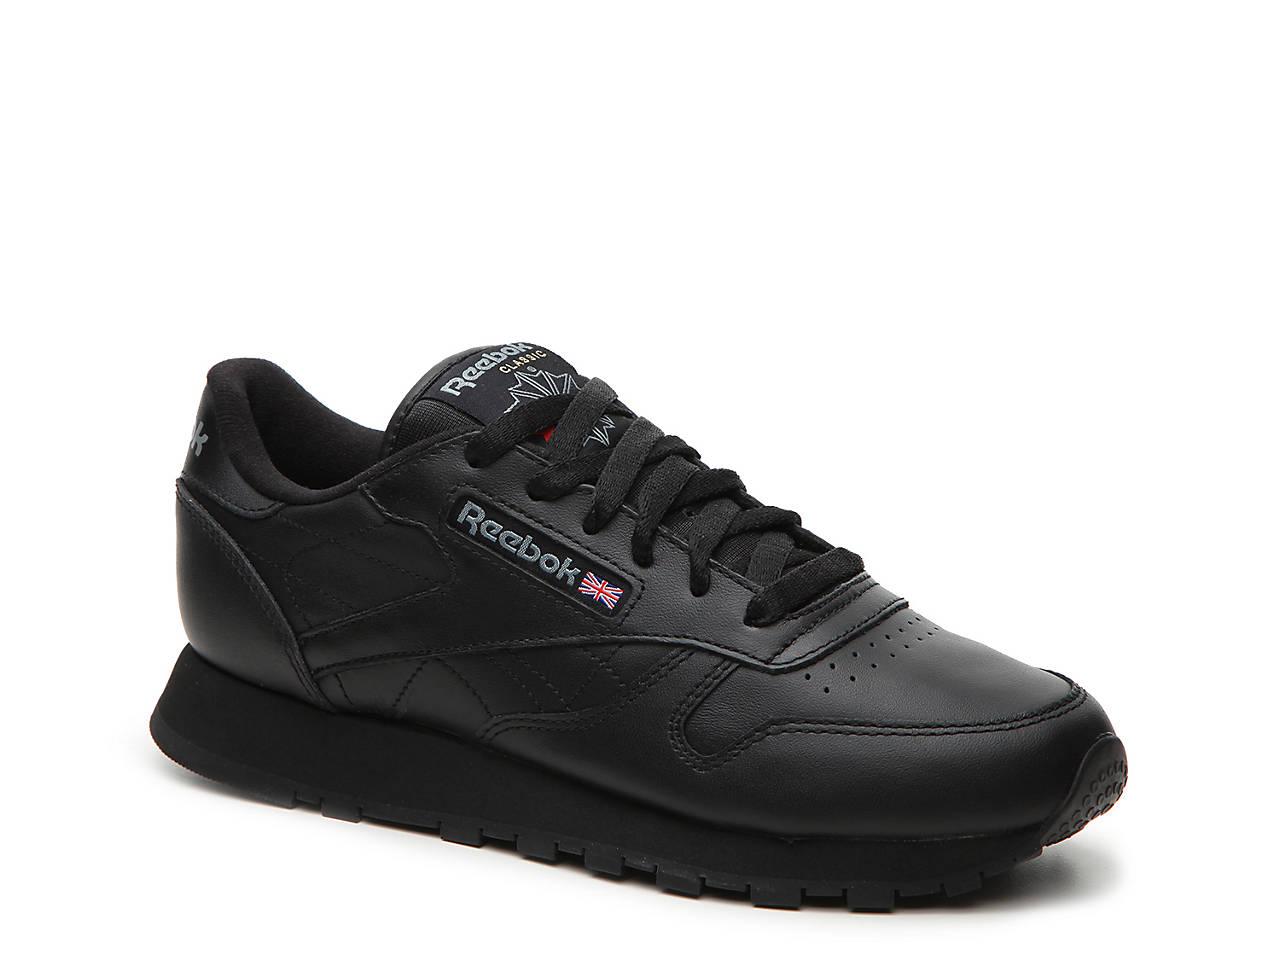 Reebok Classic Leather Sneaker - Women s Women s Shoes  a814f124d